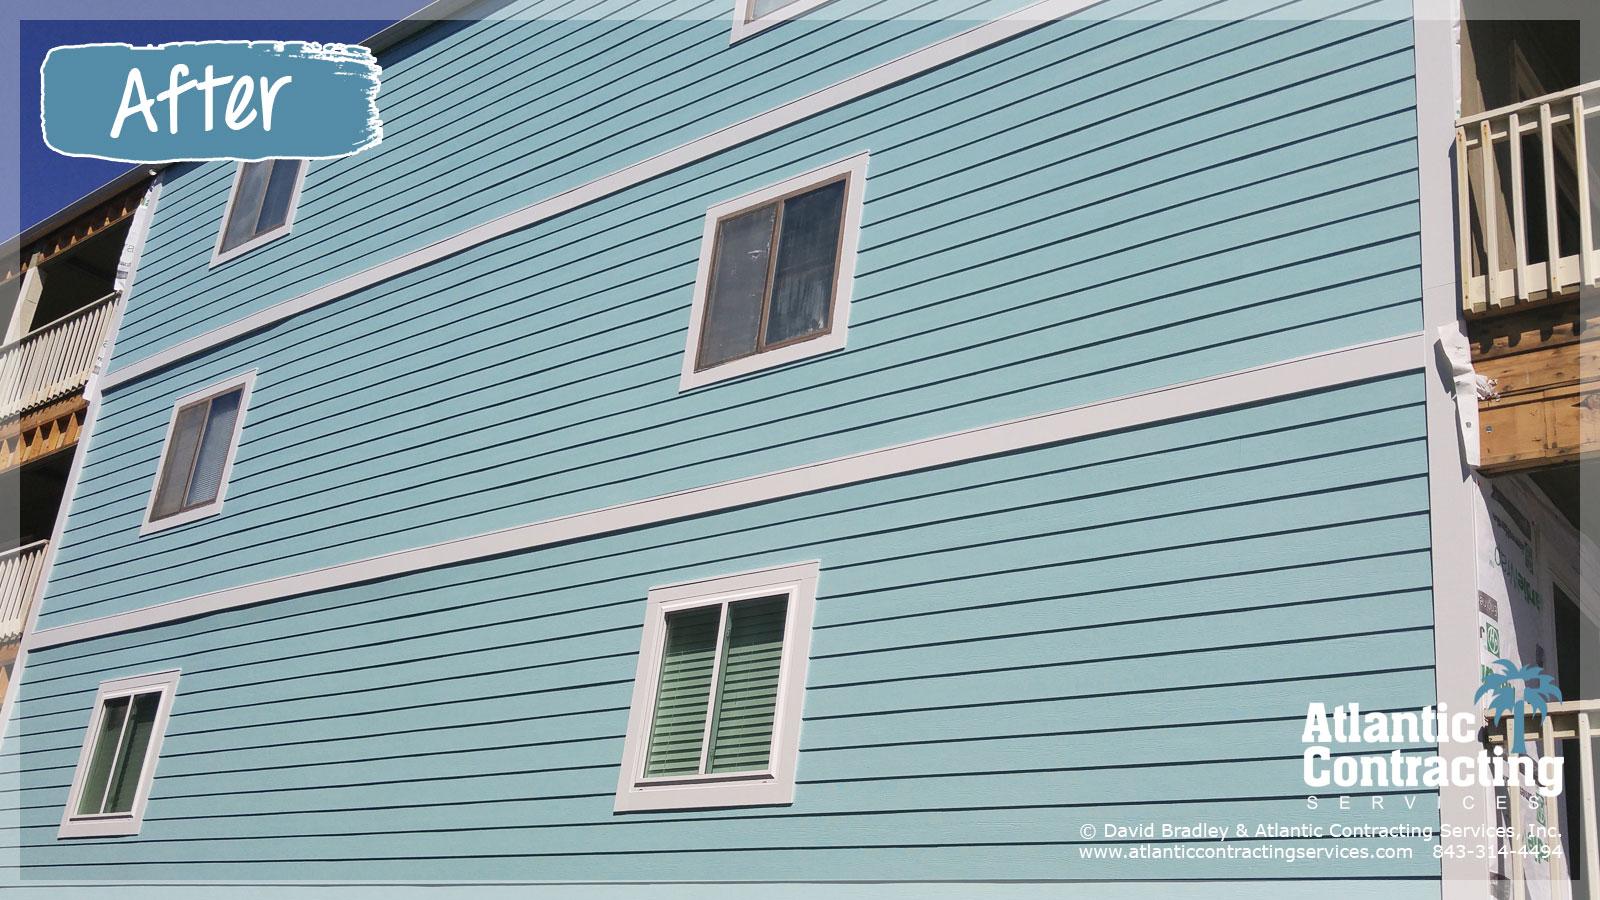 Seahorse Condominiums Garden City Atlantic Contracting